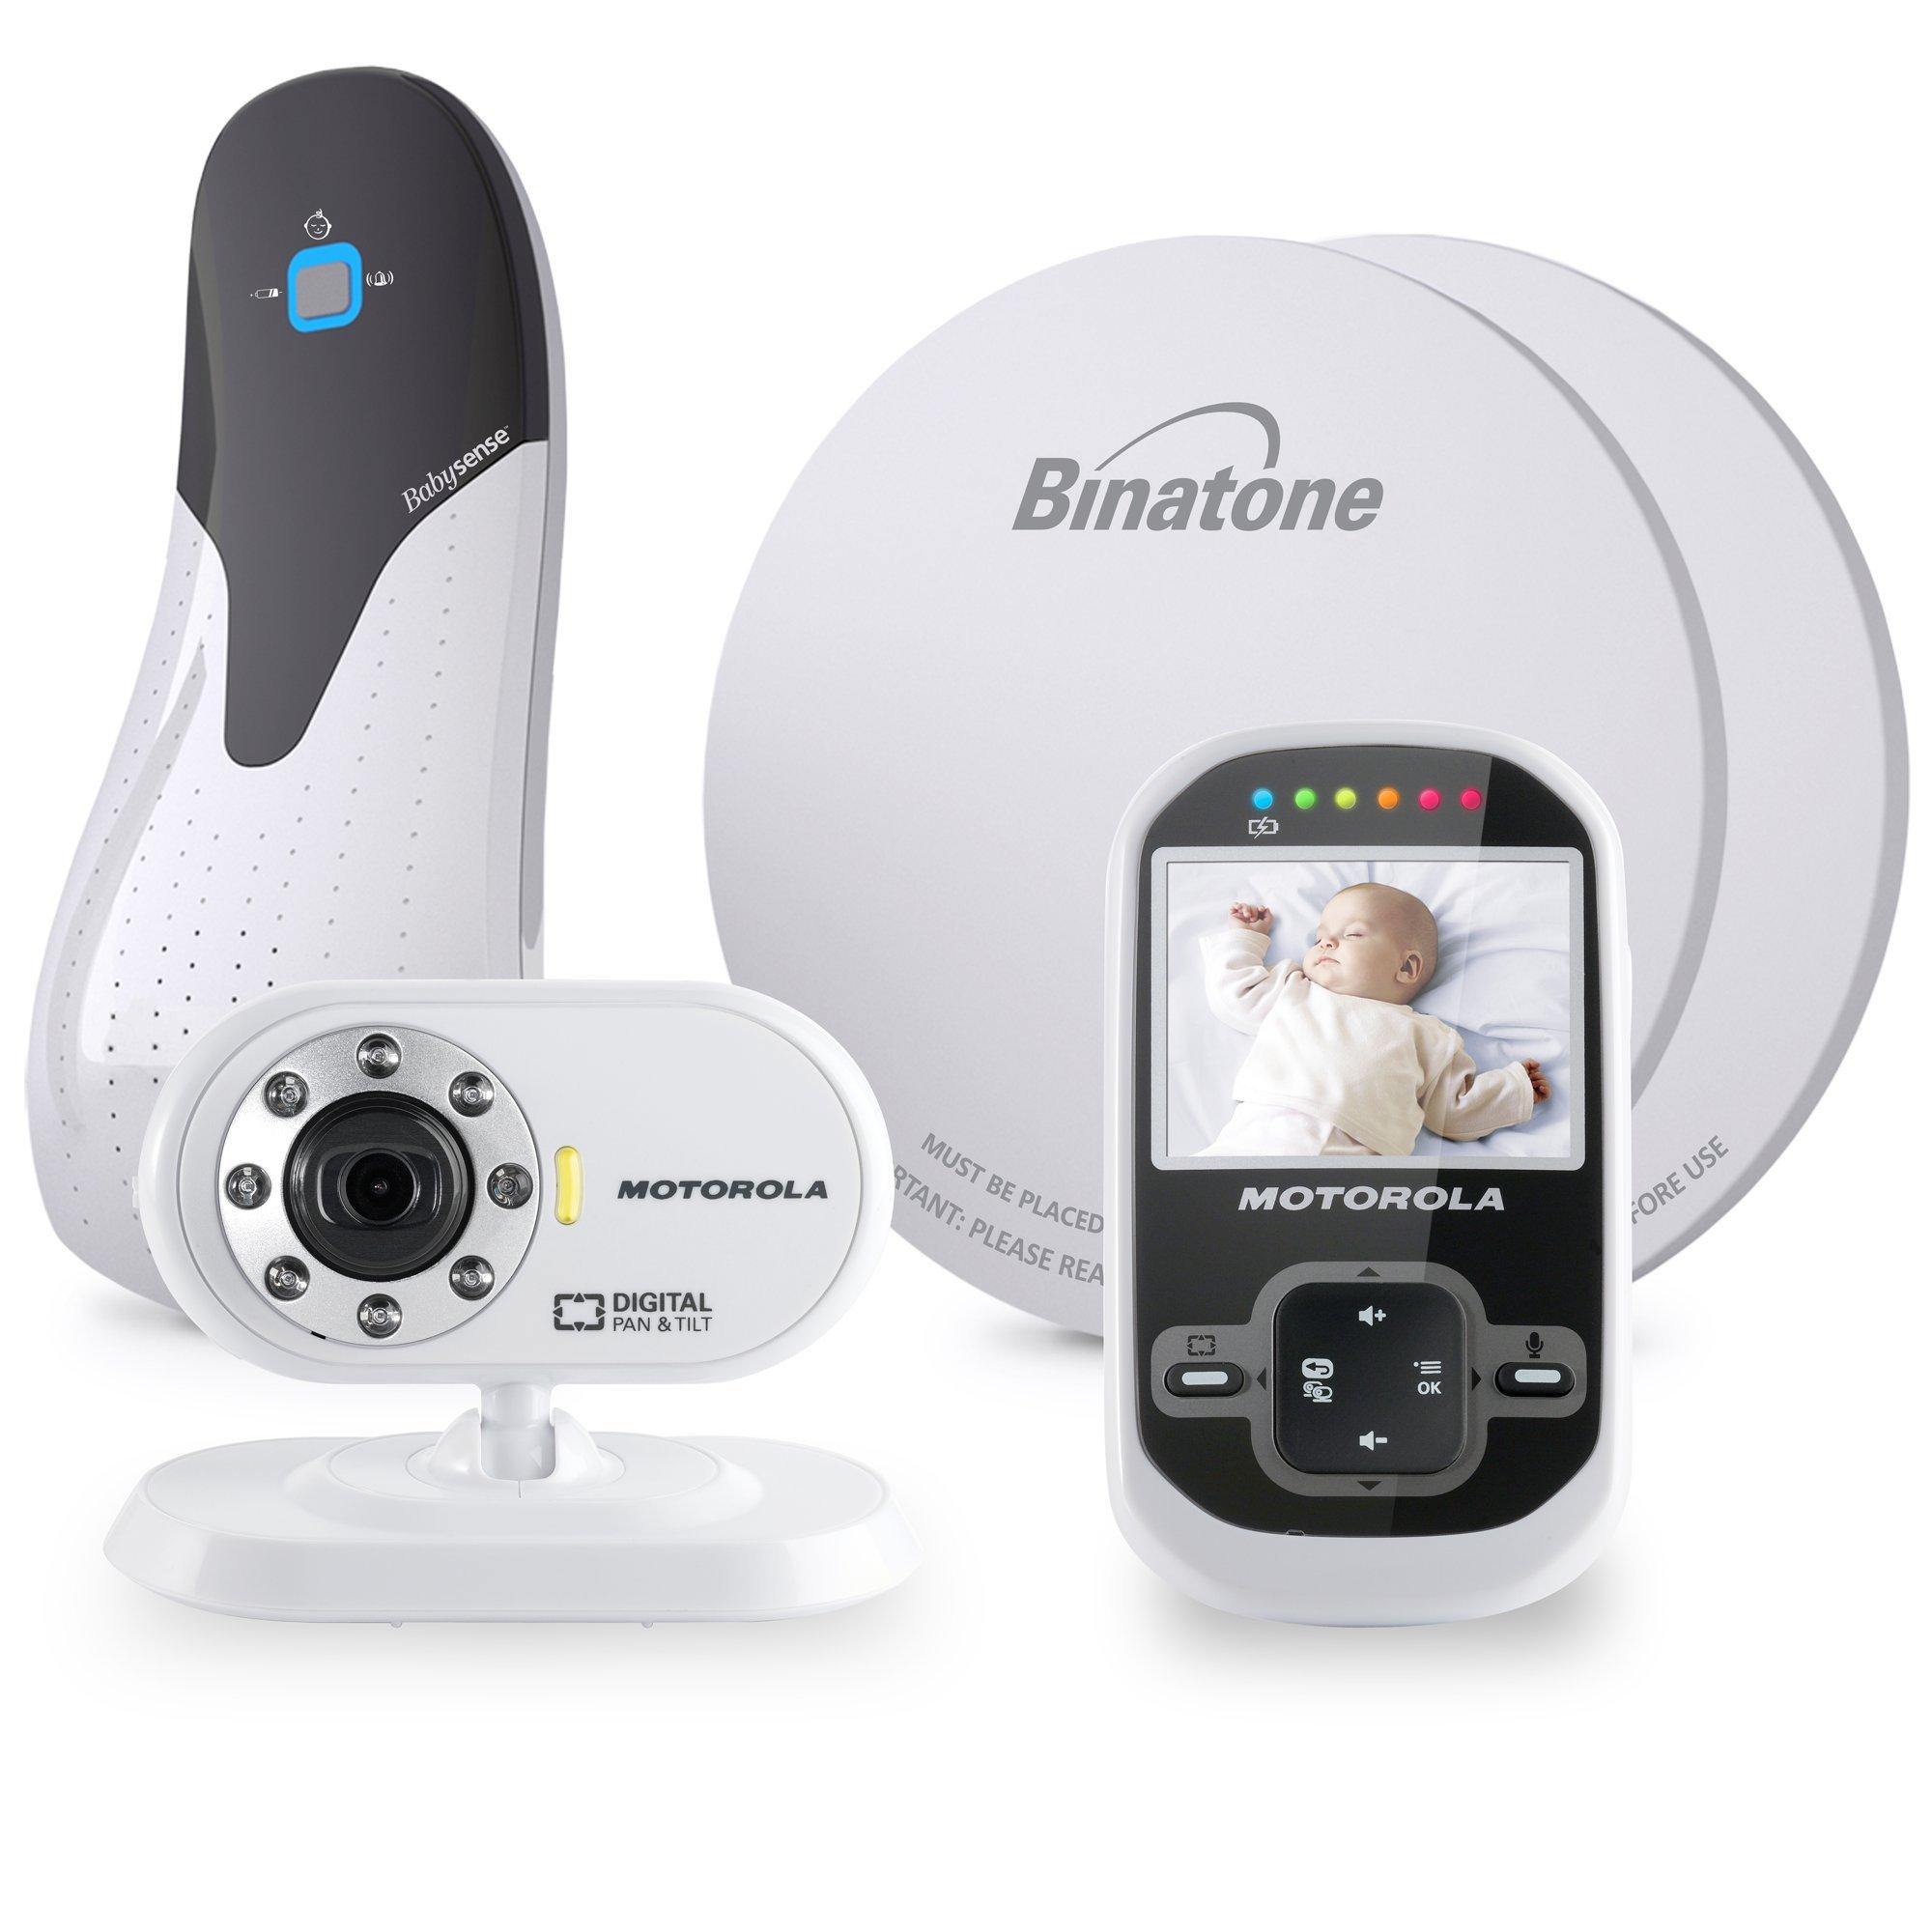 motorola mbp26 digital video monitor babysense bundle baby safety sound colour ebay. Black Bedroom Furniture Sets. Home Design Ideas